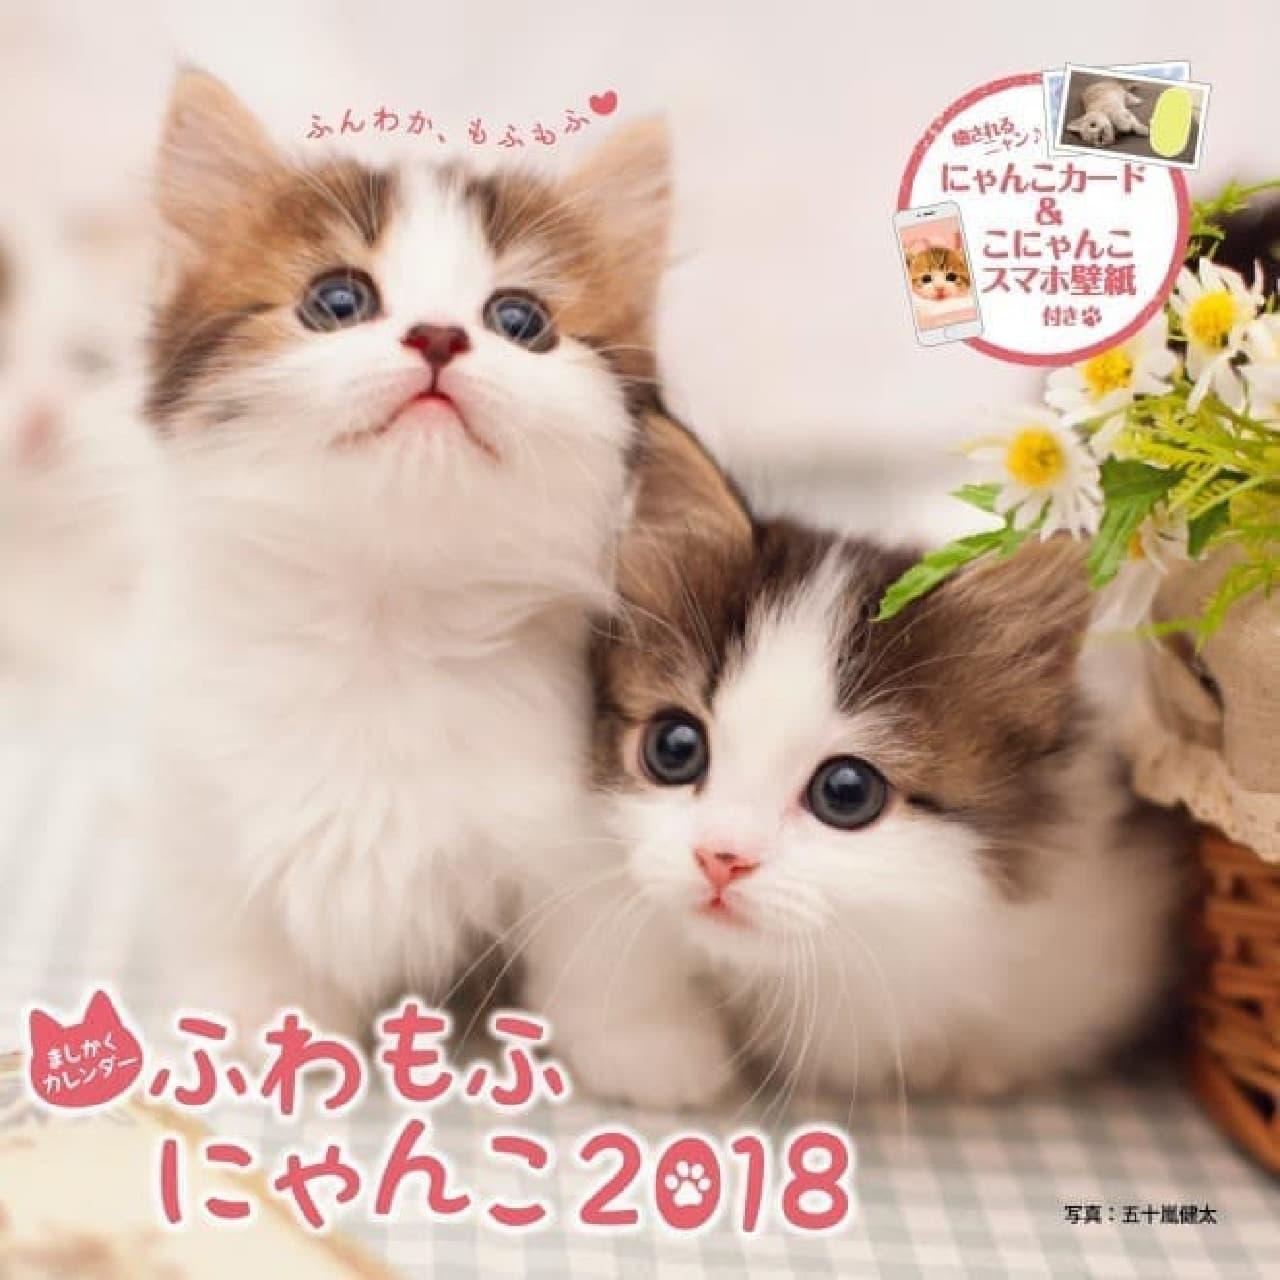 ましかくカレンダーふわもふにゃんこ2018